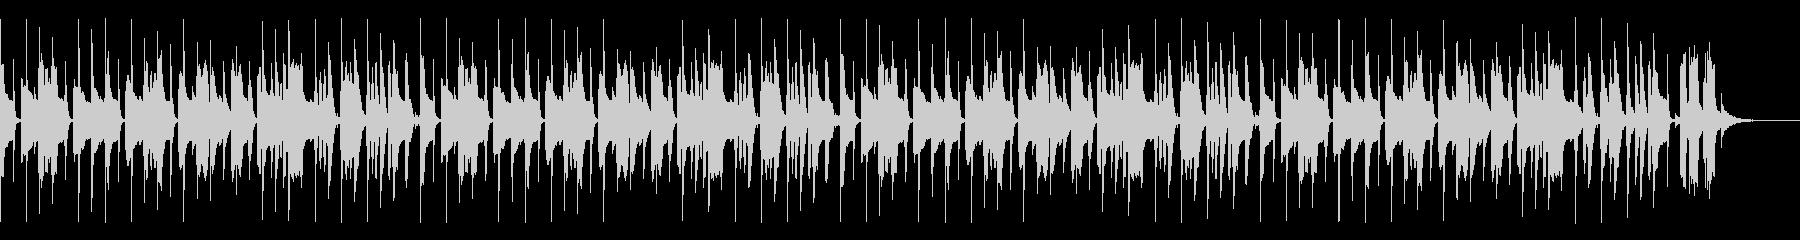 かわいいパズルBGM(スピードアップ無)の未再生の波形